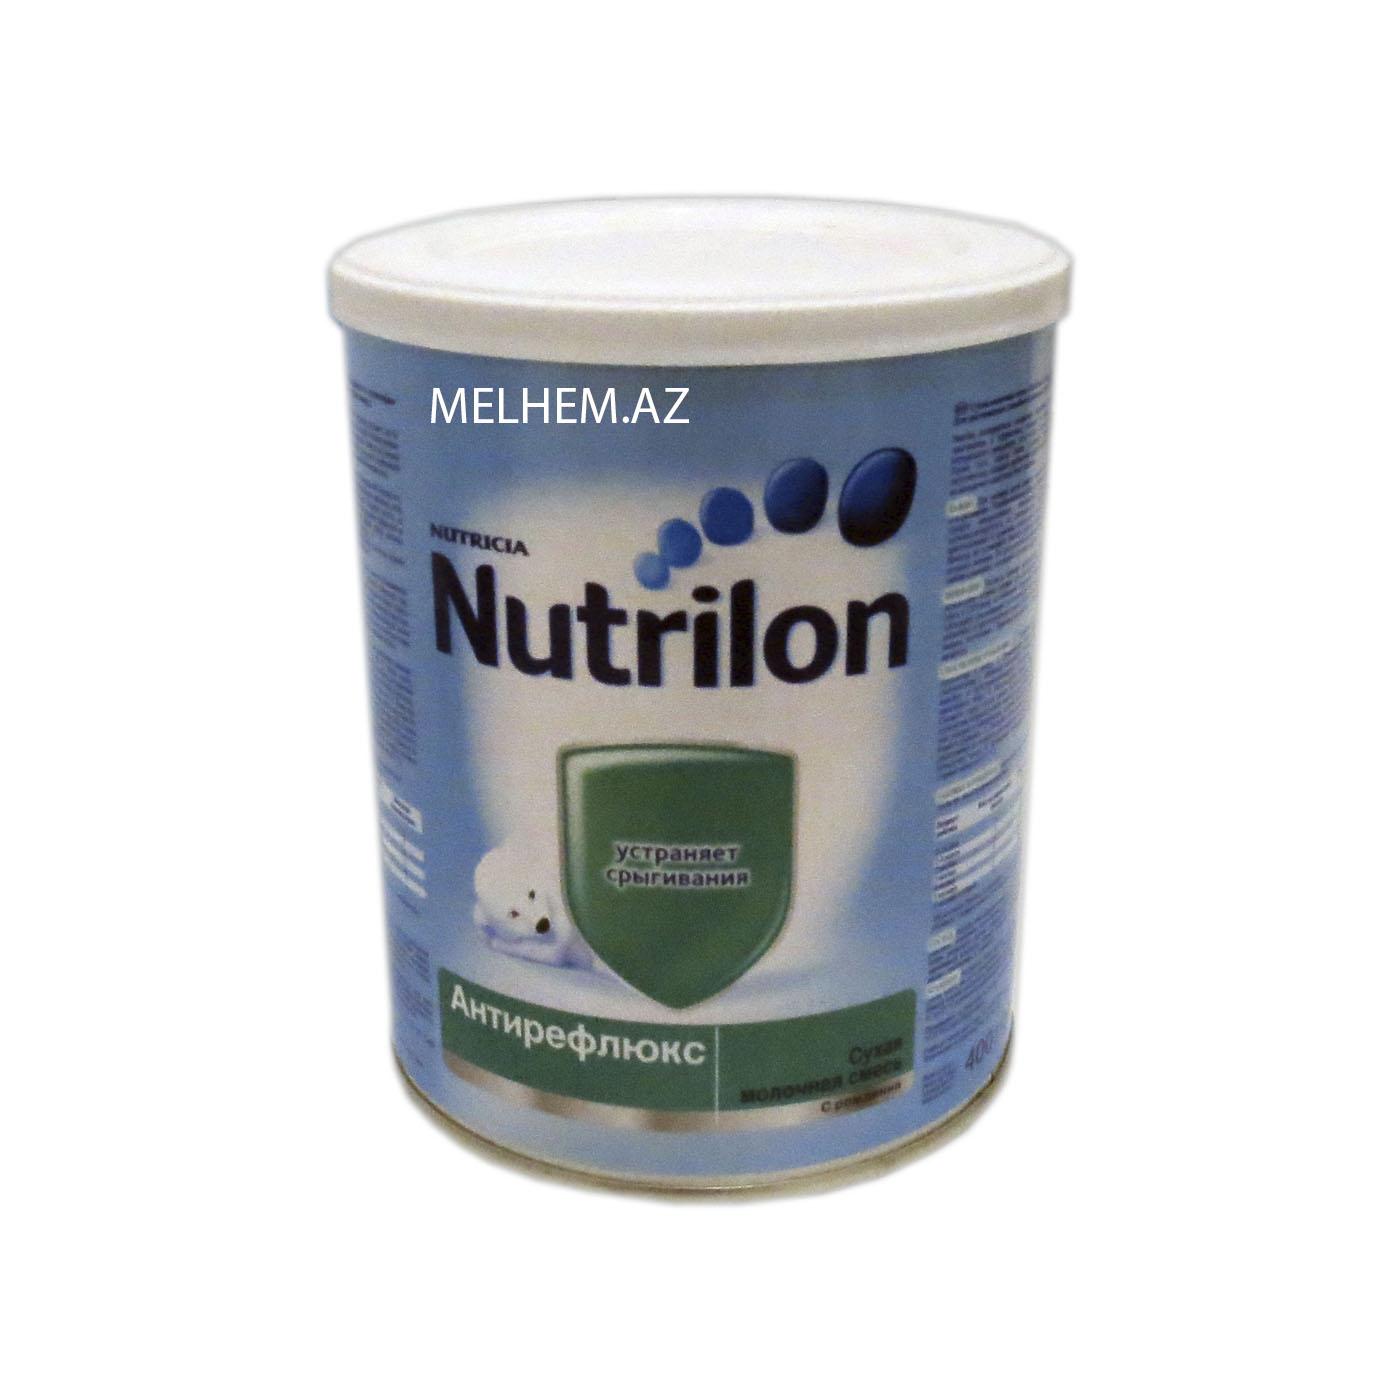 NUTRILON ( ANTIREFLUKSNIY )